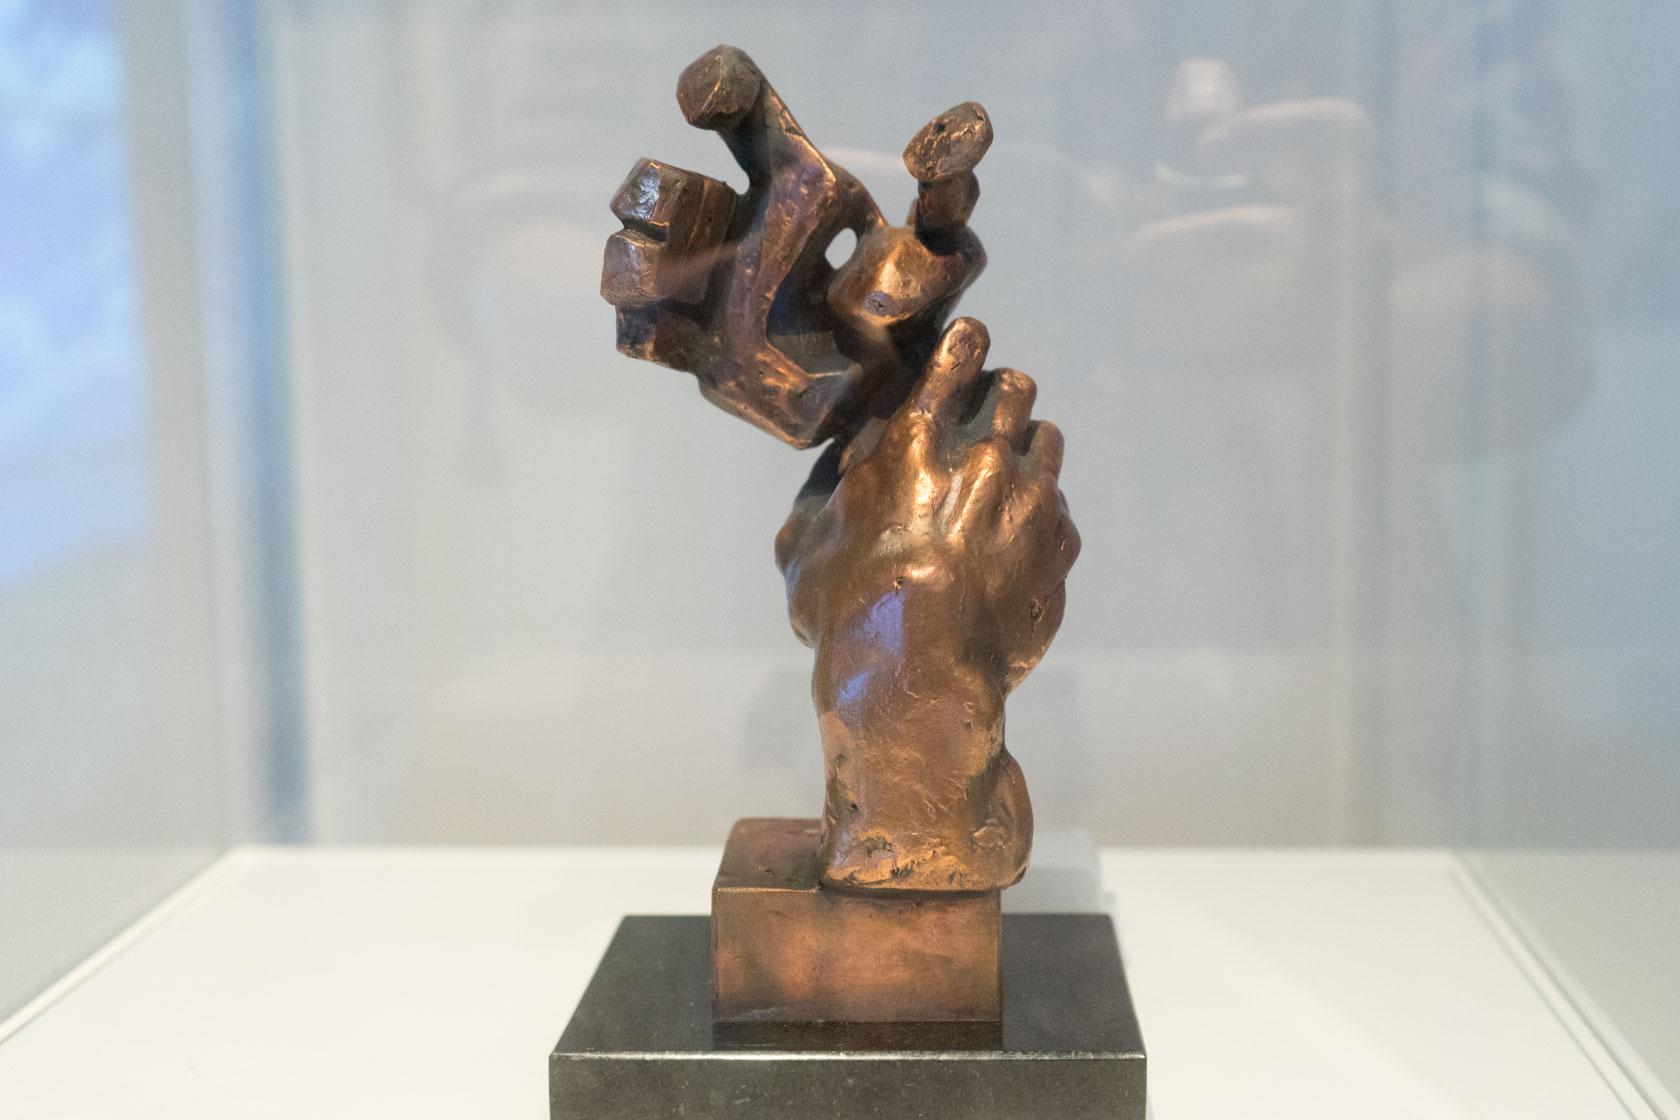 настоящее время эрнст неизвестный скульптуры фото трудность